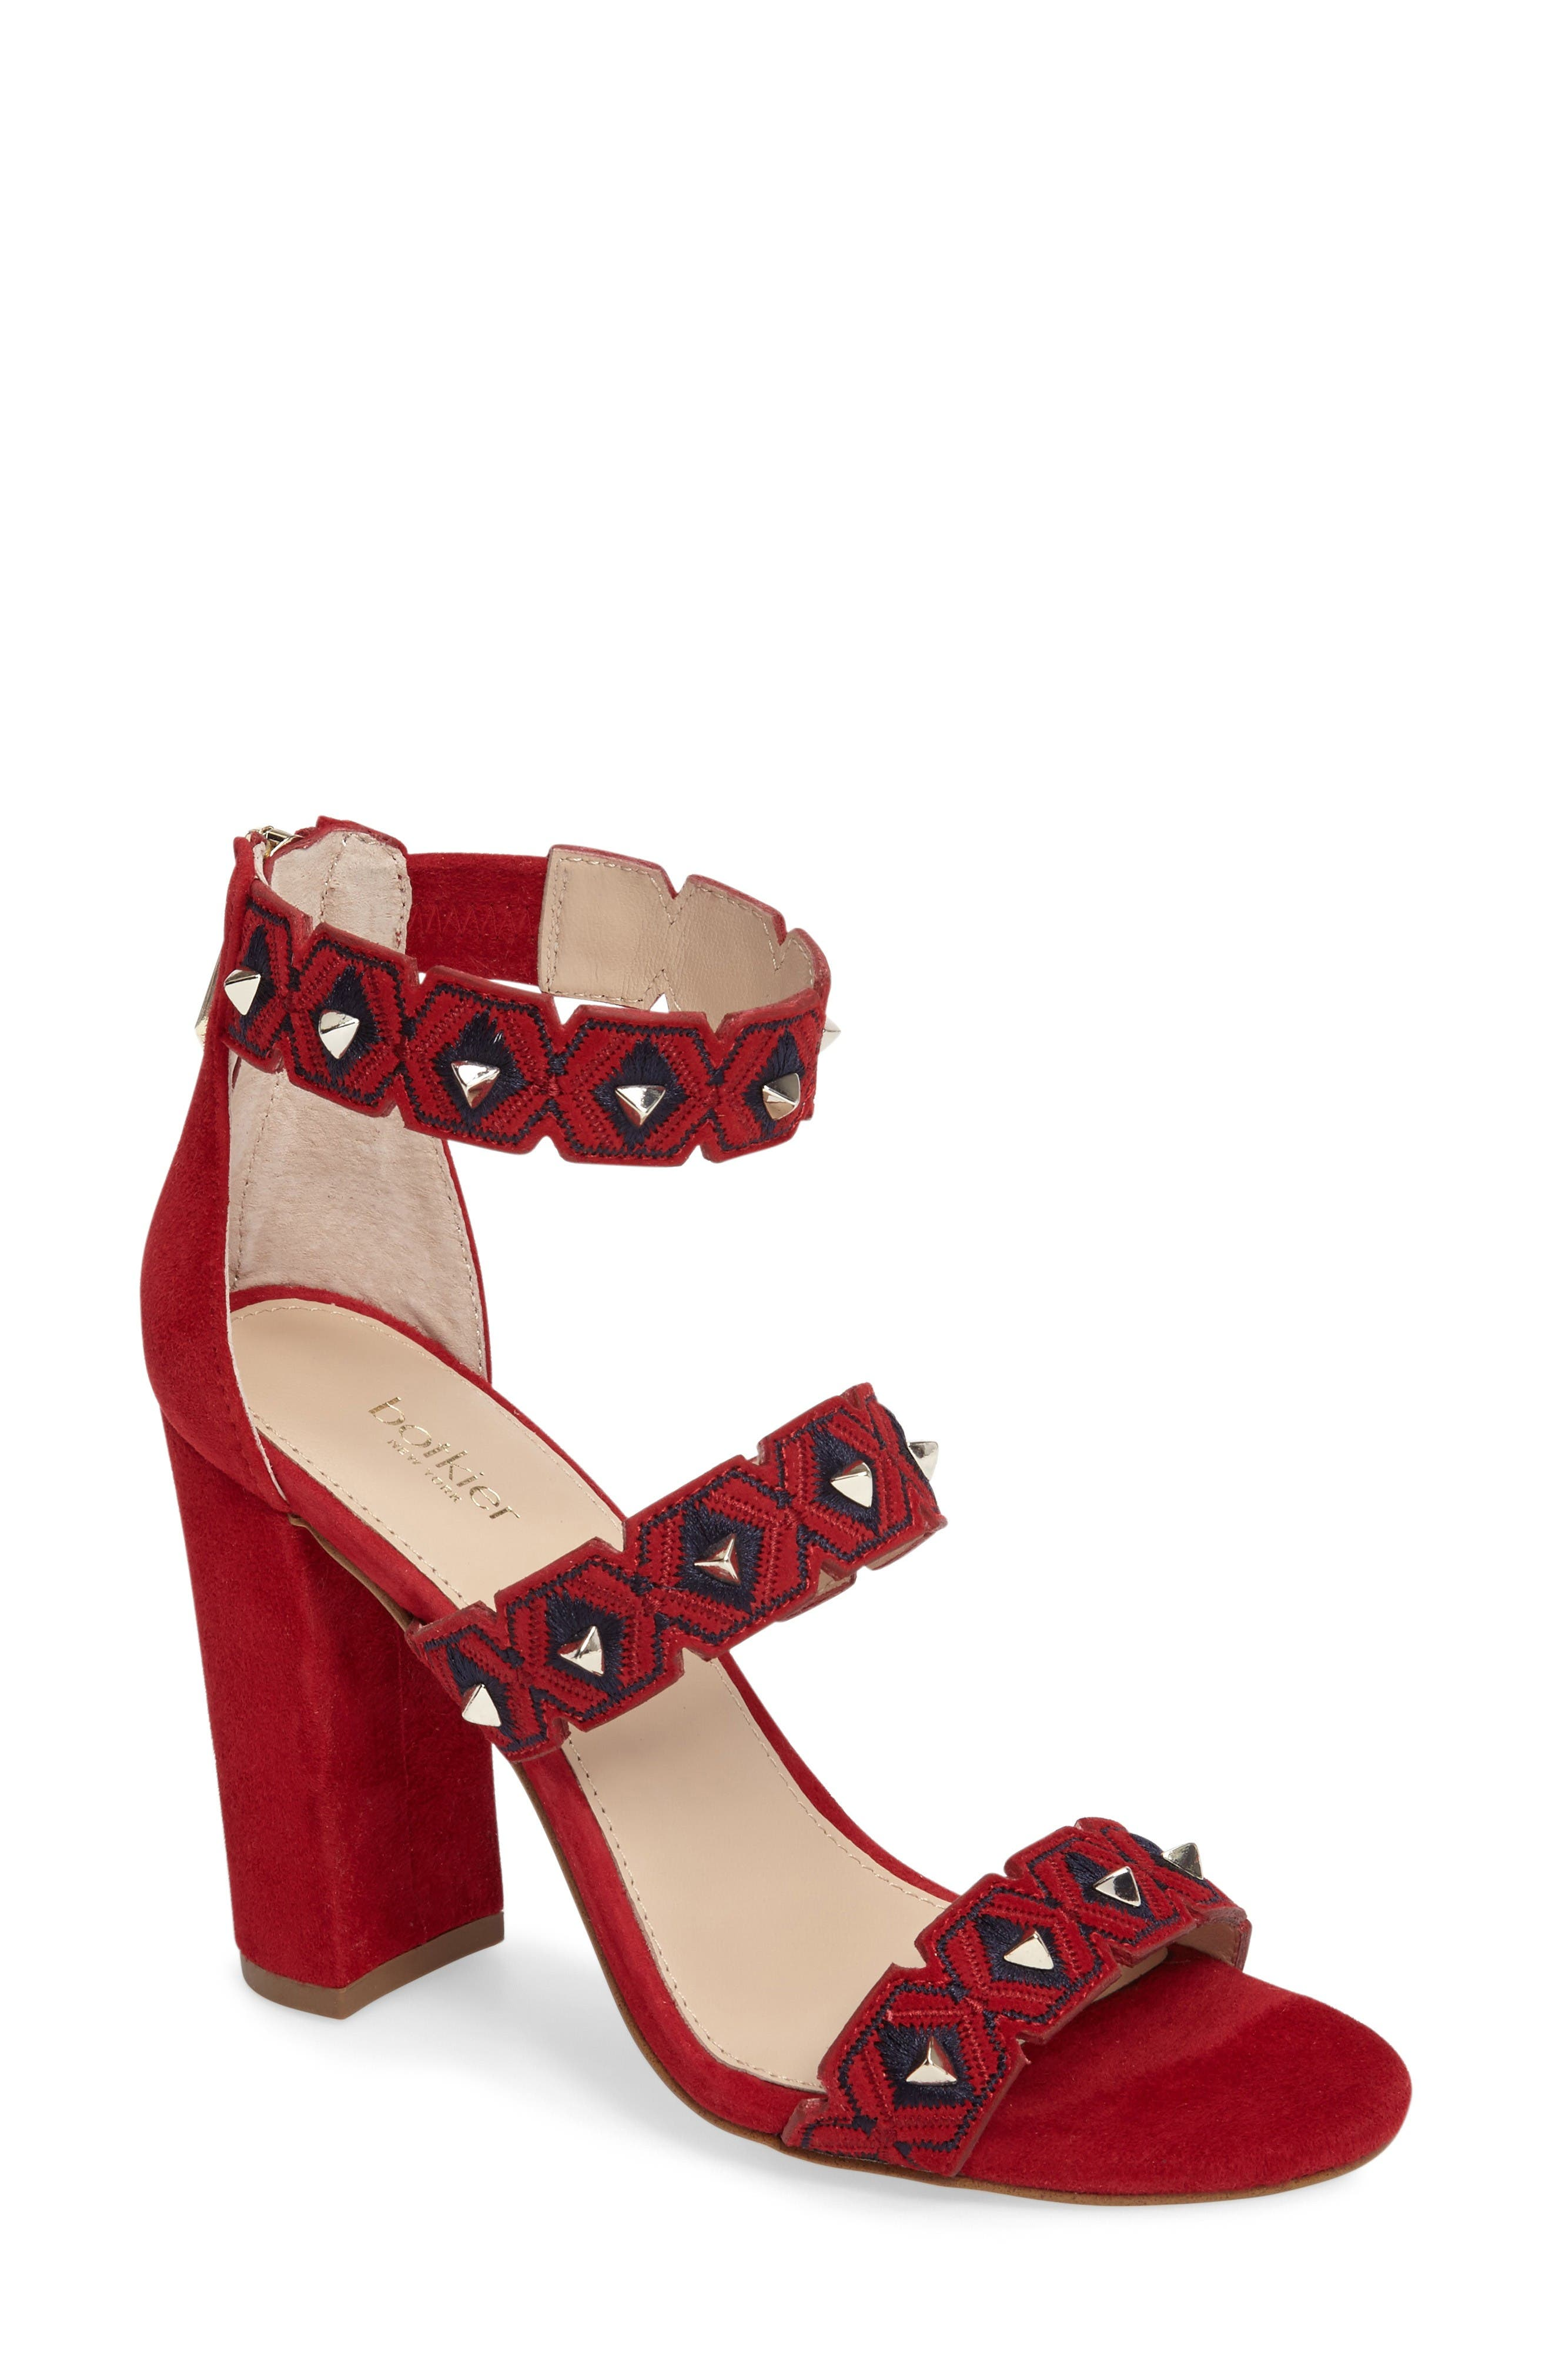 BOTKIER Gigi Embellished Sandal